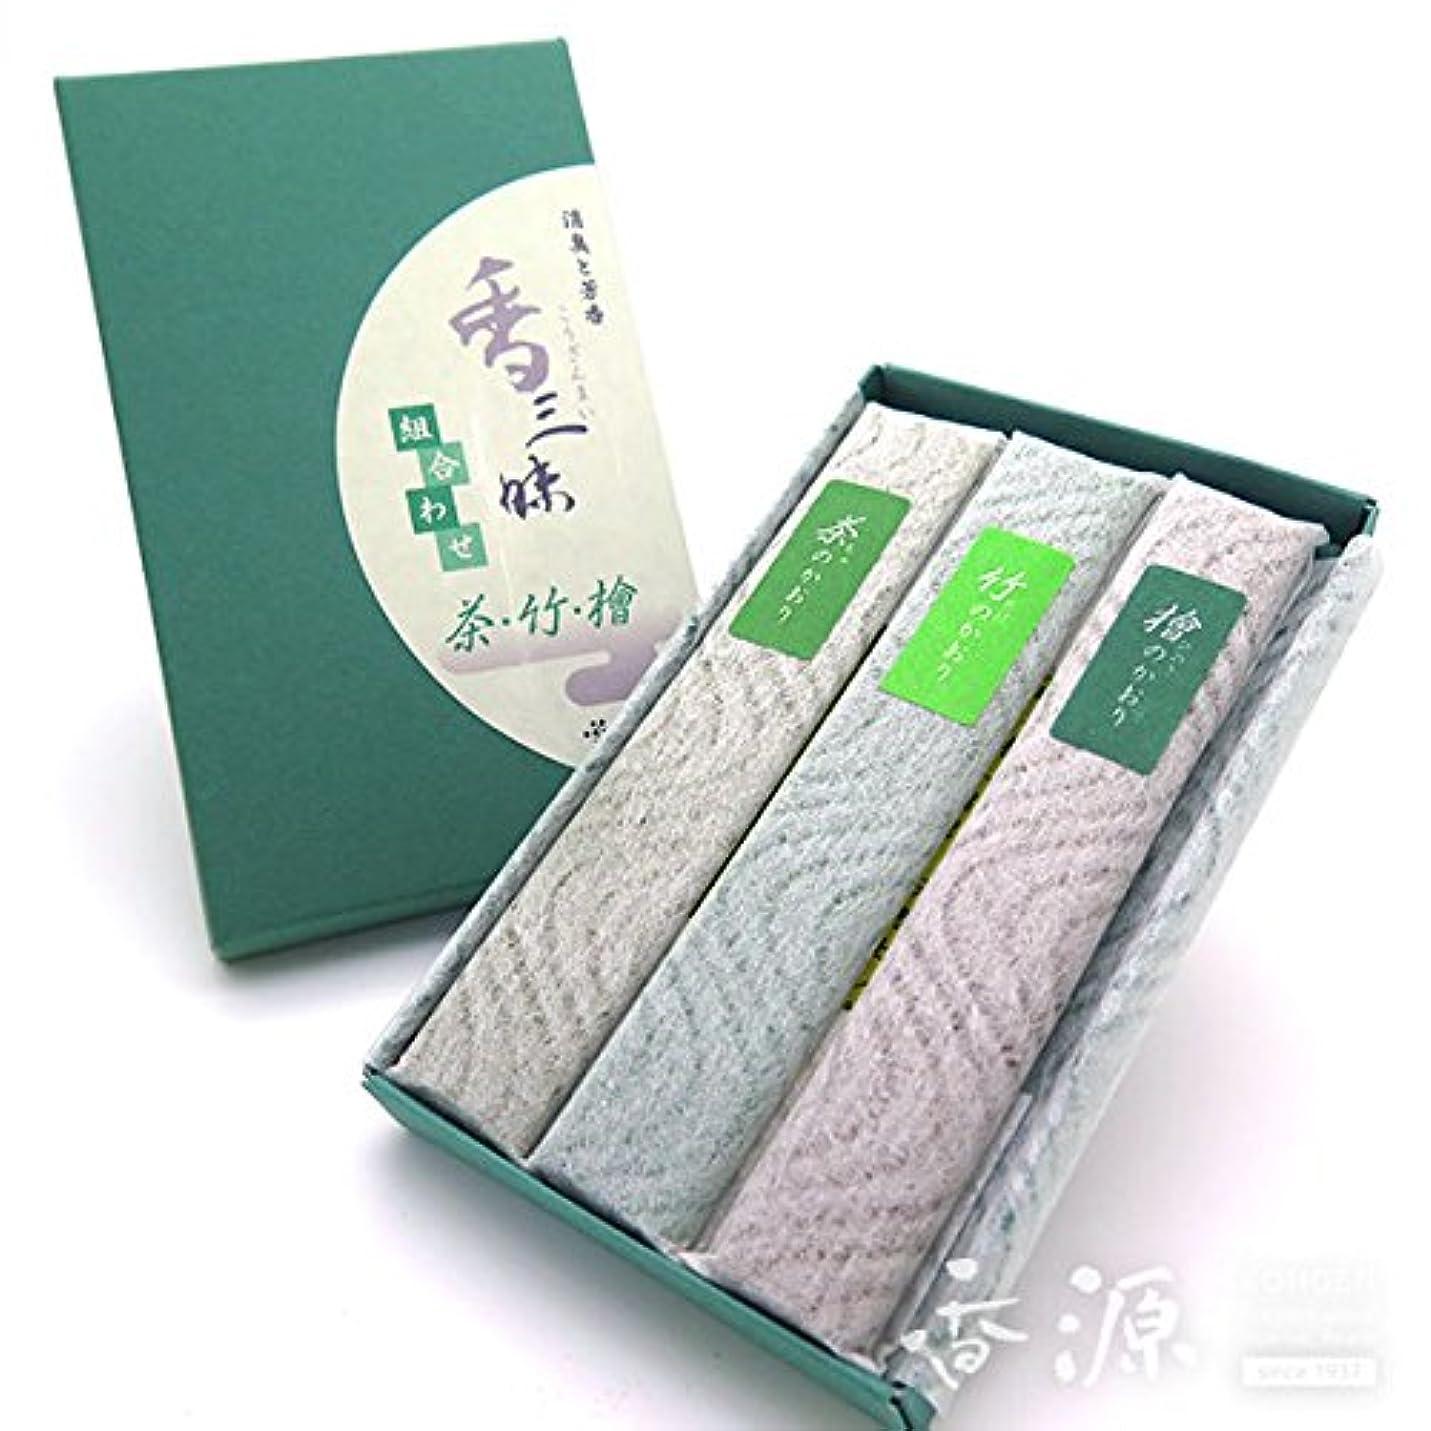 階層テレビ局成長する【フラボノイドで消臭】薫寿堂のお香 香三昧 茶?竹?檜